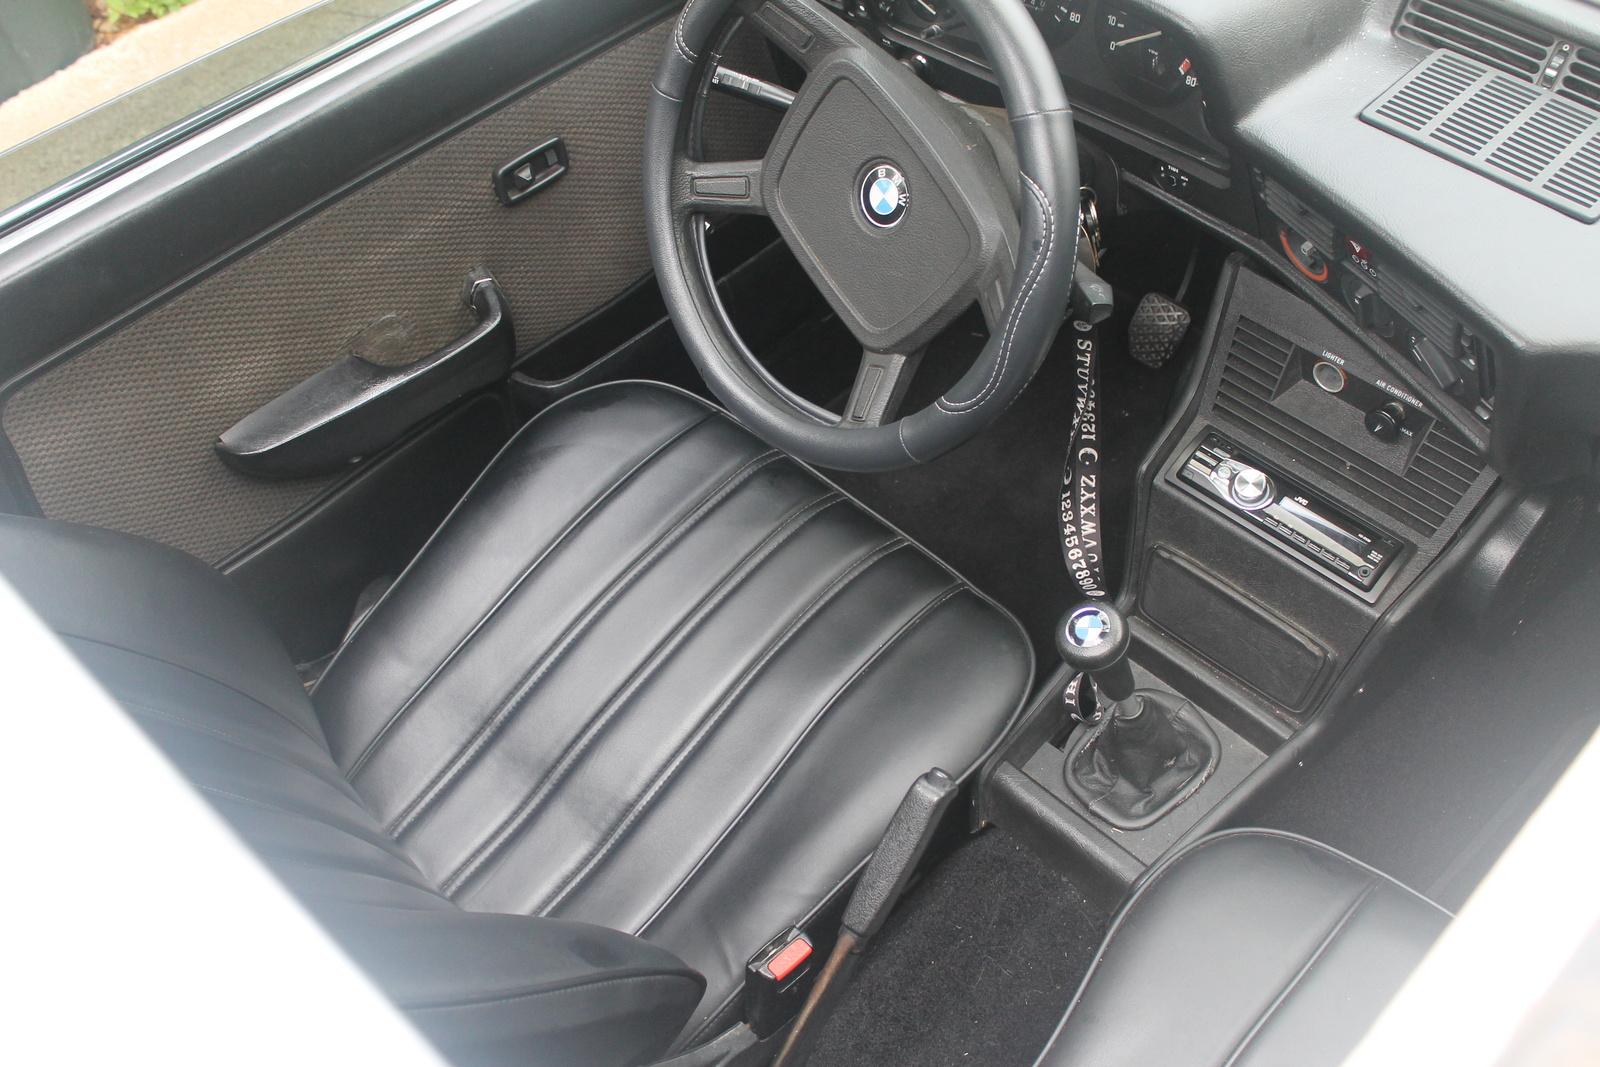 1983 Bmw 3 Series Interior Pictures Cargurus